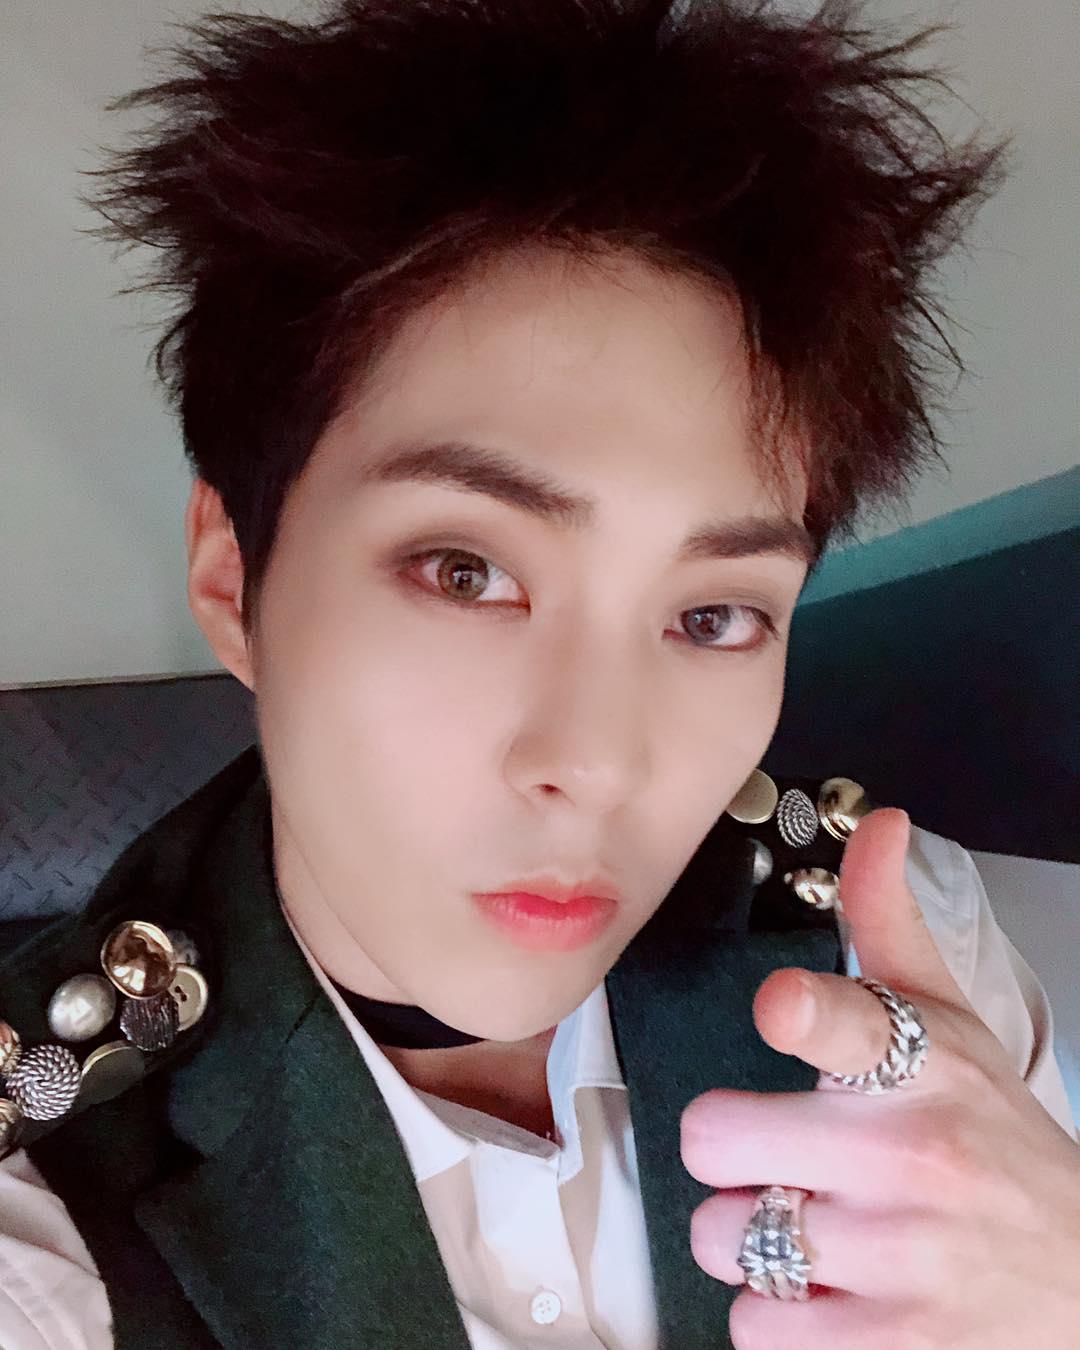 #EXO XIUMIN 說到童顏的話就不得不提EXO的大哥XIUMIN啦!雖然明年將要滿30,但連毛細孔都看不到的白皙皮膚、小而圓的臉,讓他看不出在團內是大哥啊!